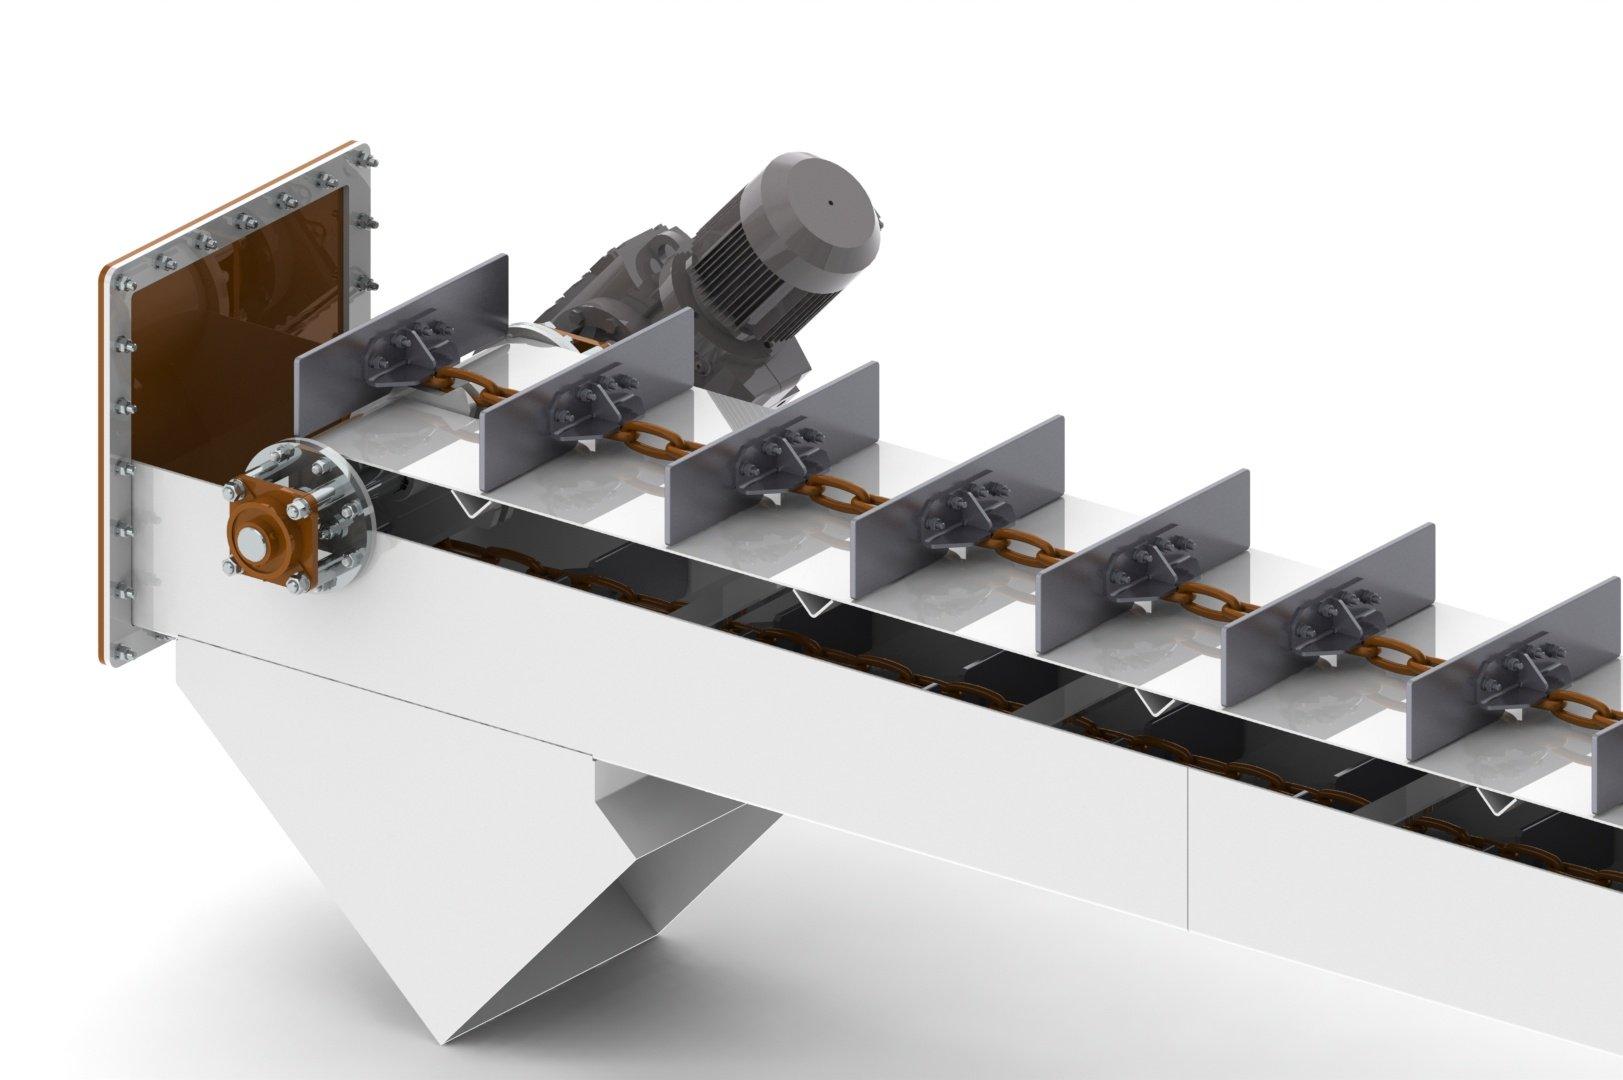 Ленточный конвейер: назначение, устройства, преимущества